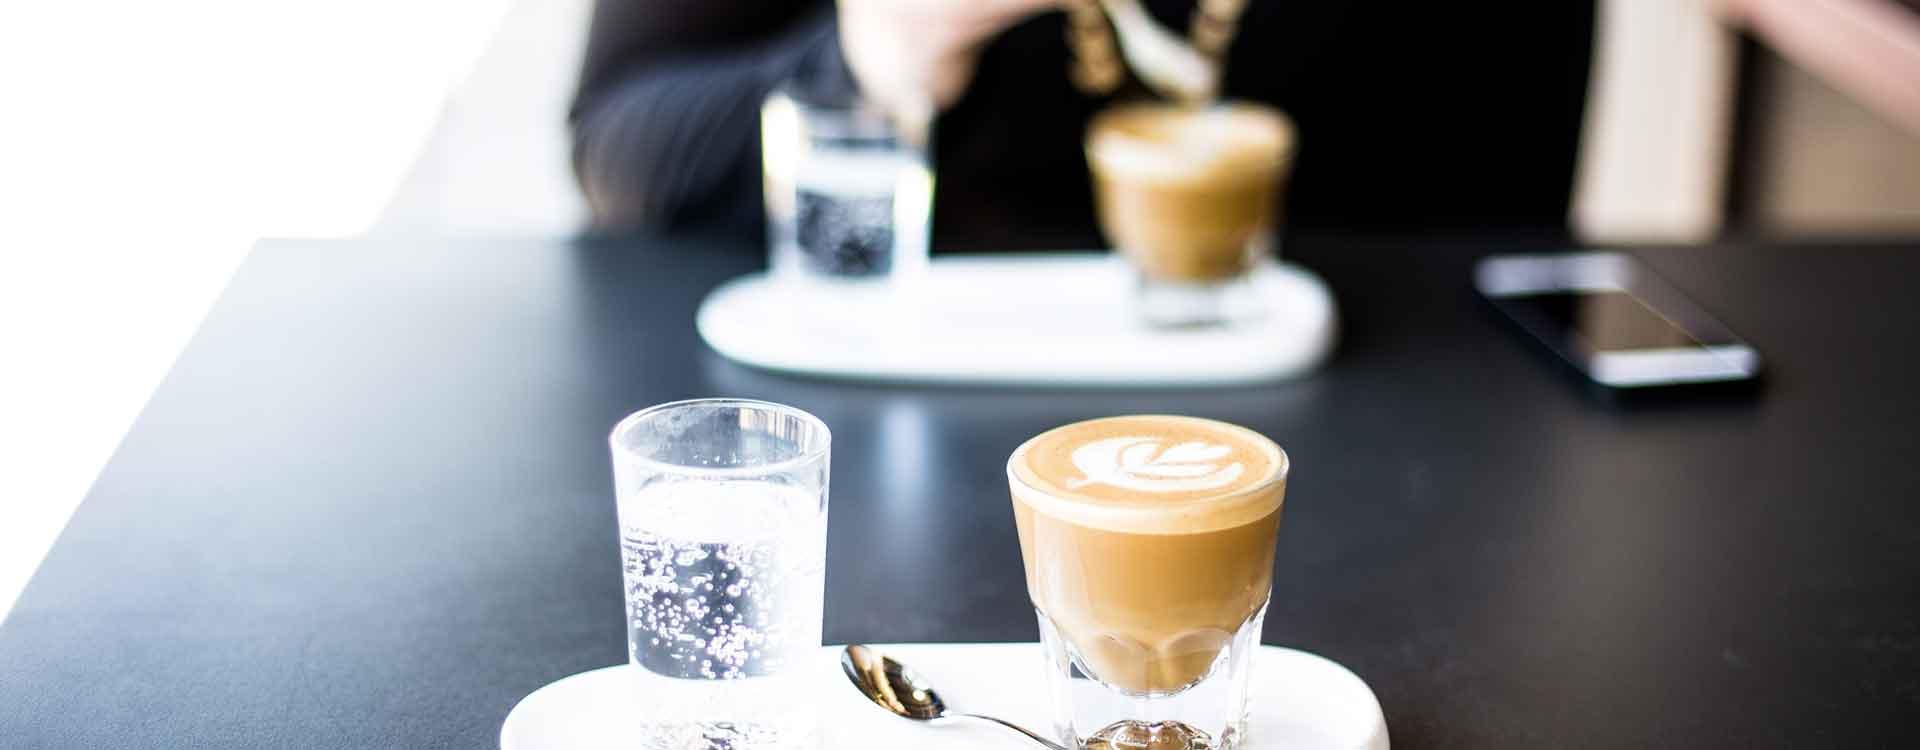 Kaffee schmeckt lecker